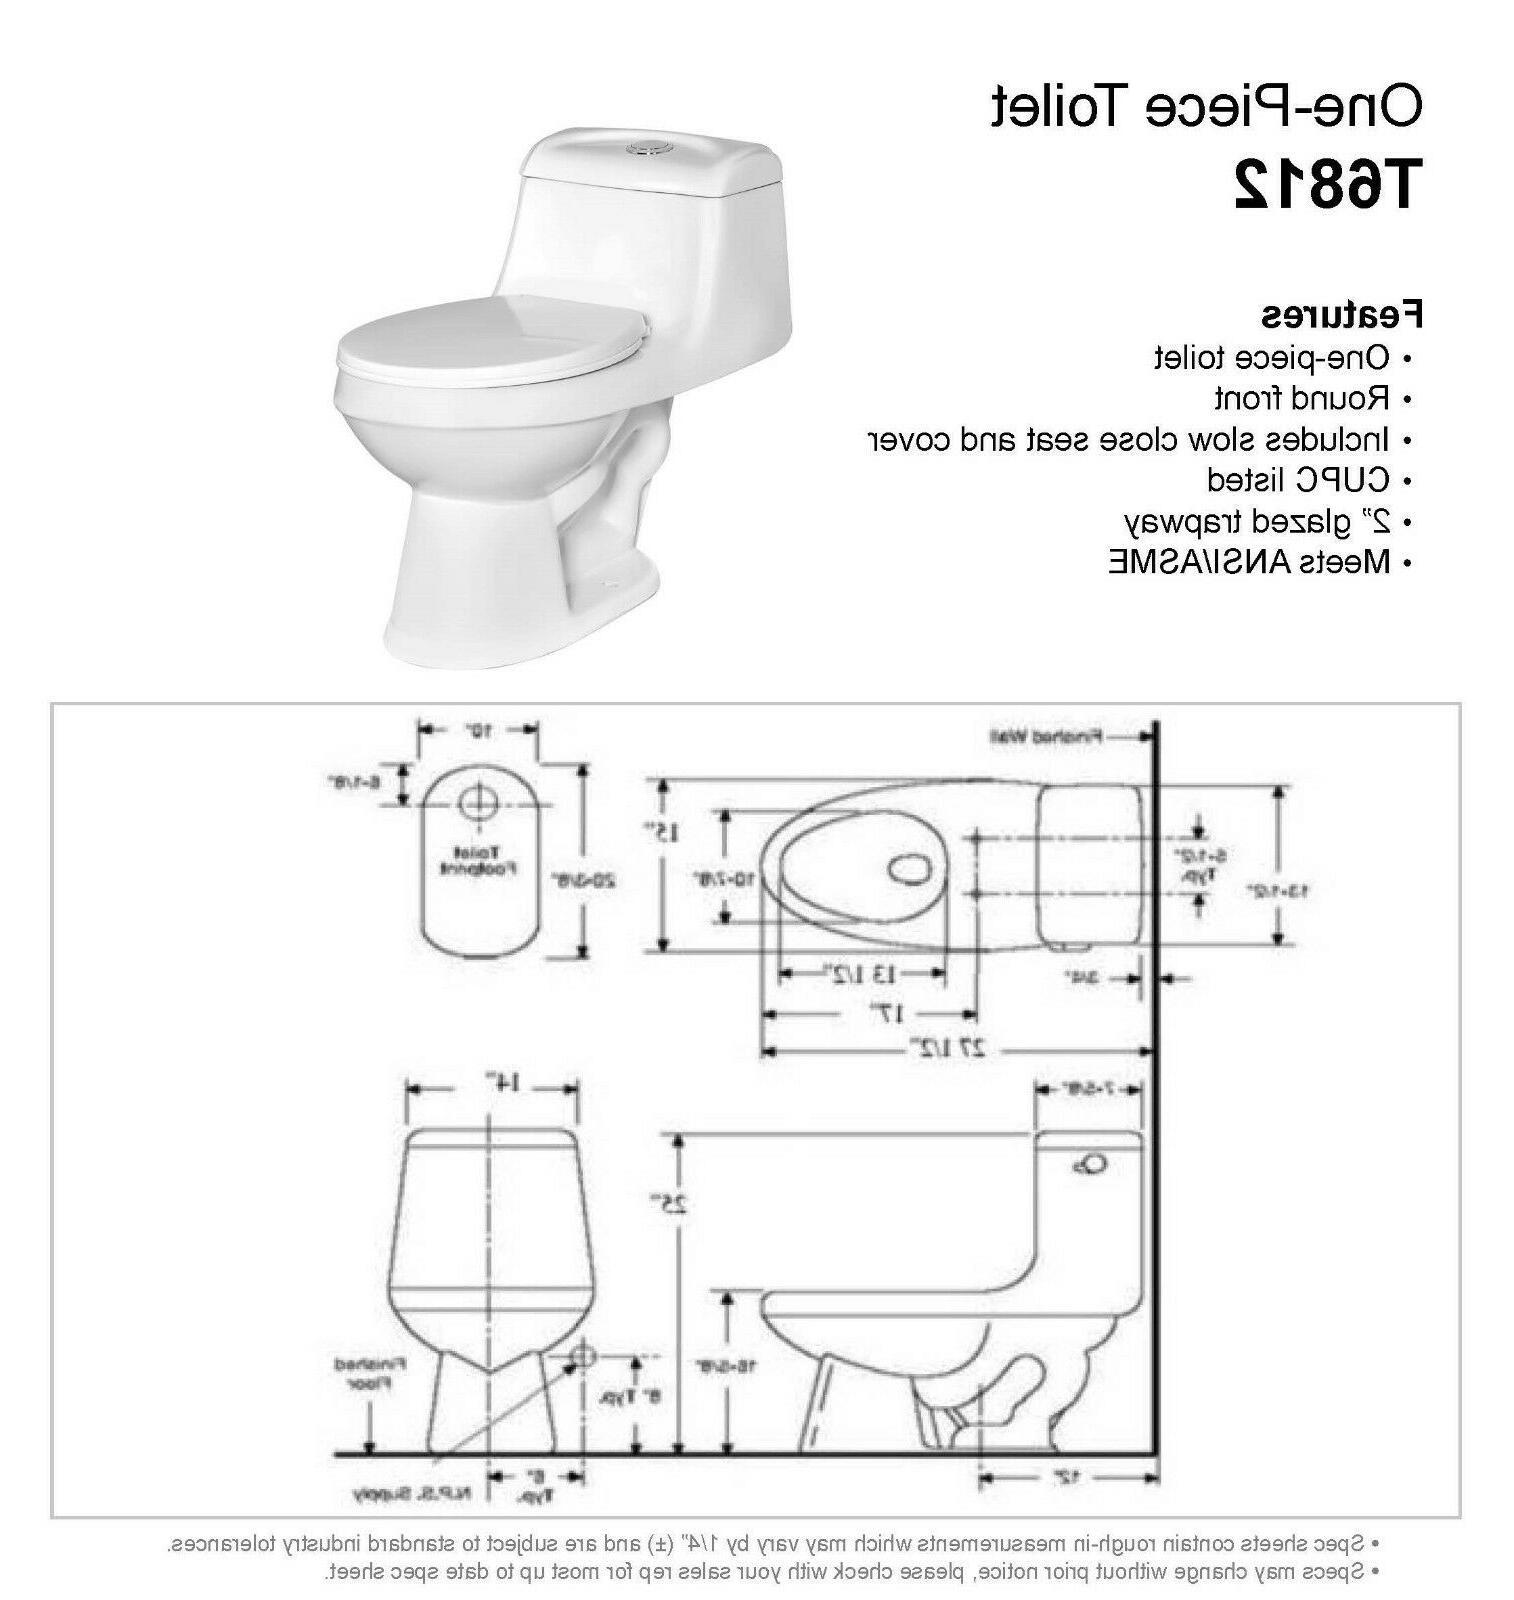 DeVille 6812W One Piece Toilet w/ Soft